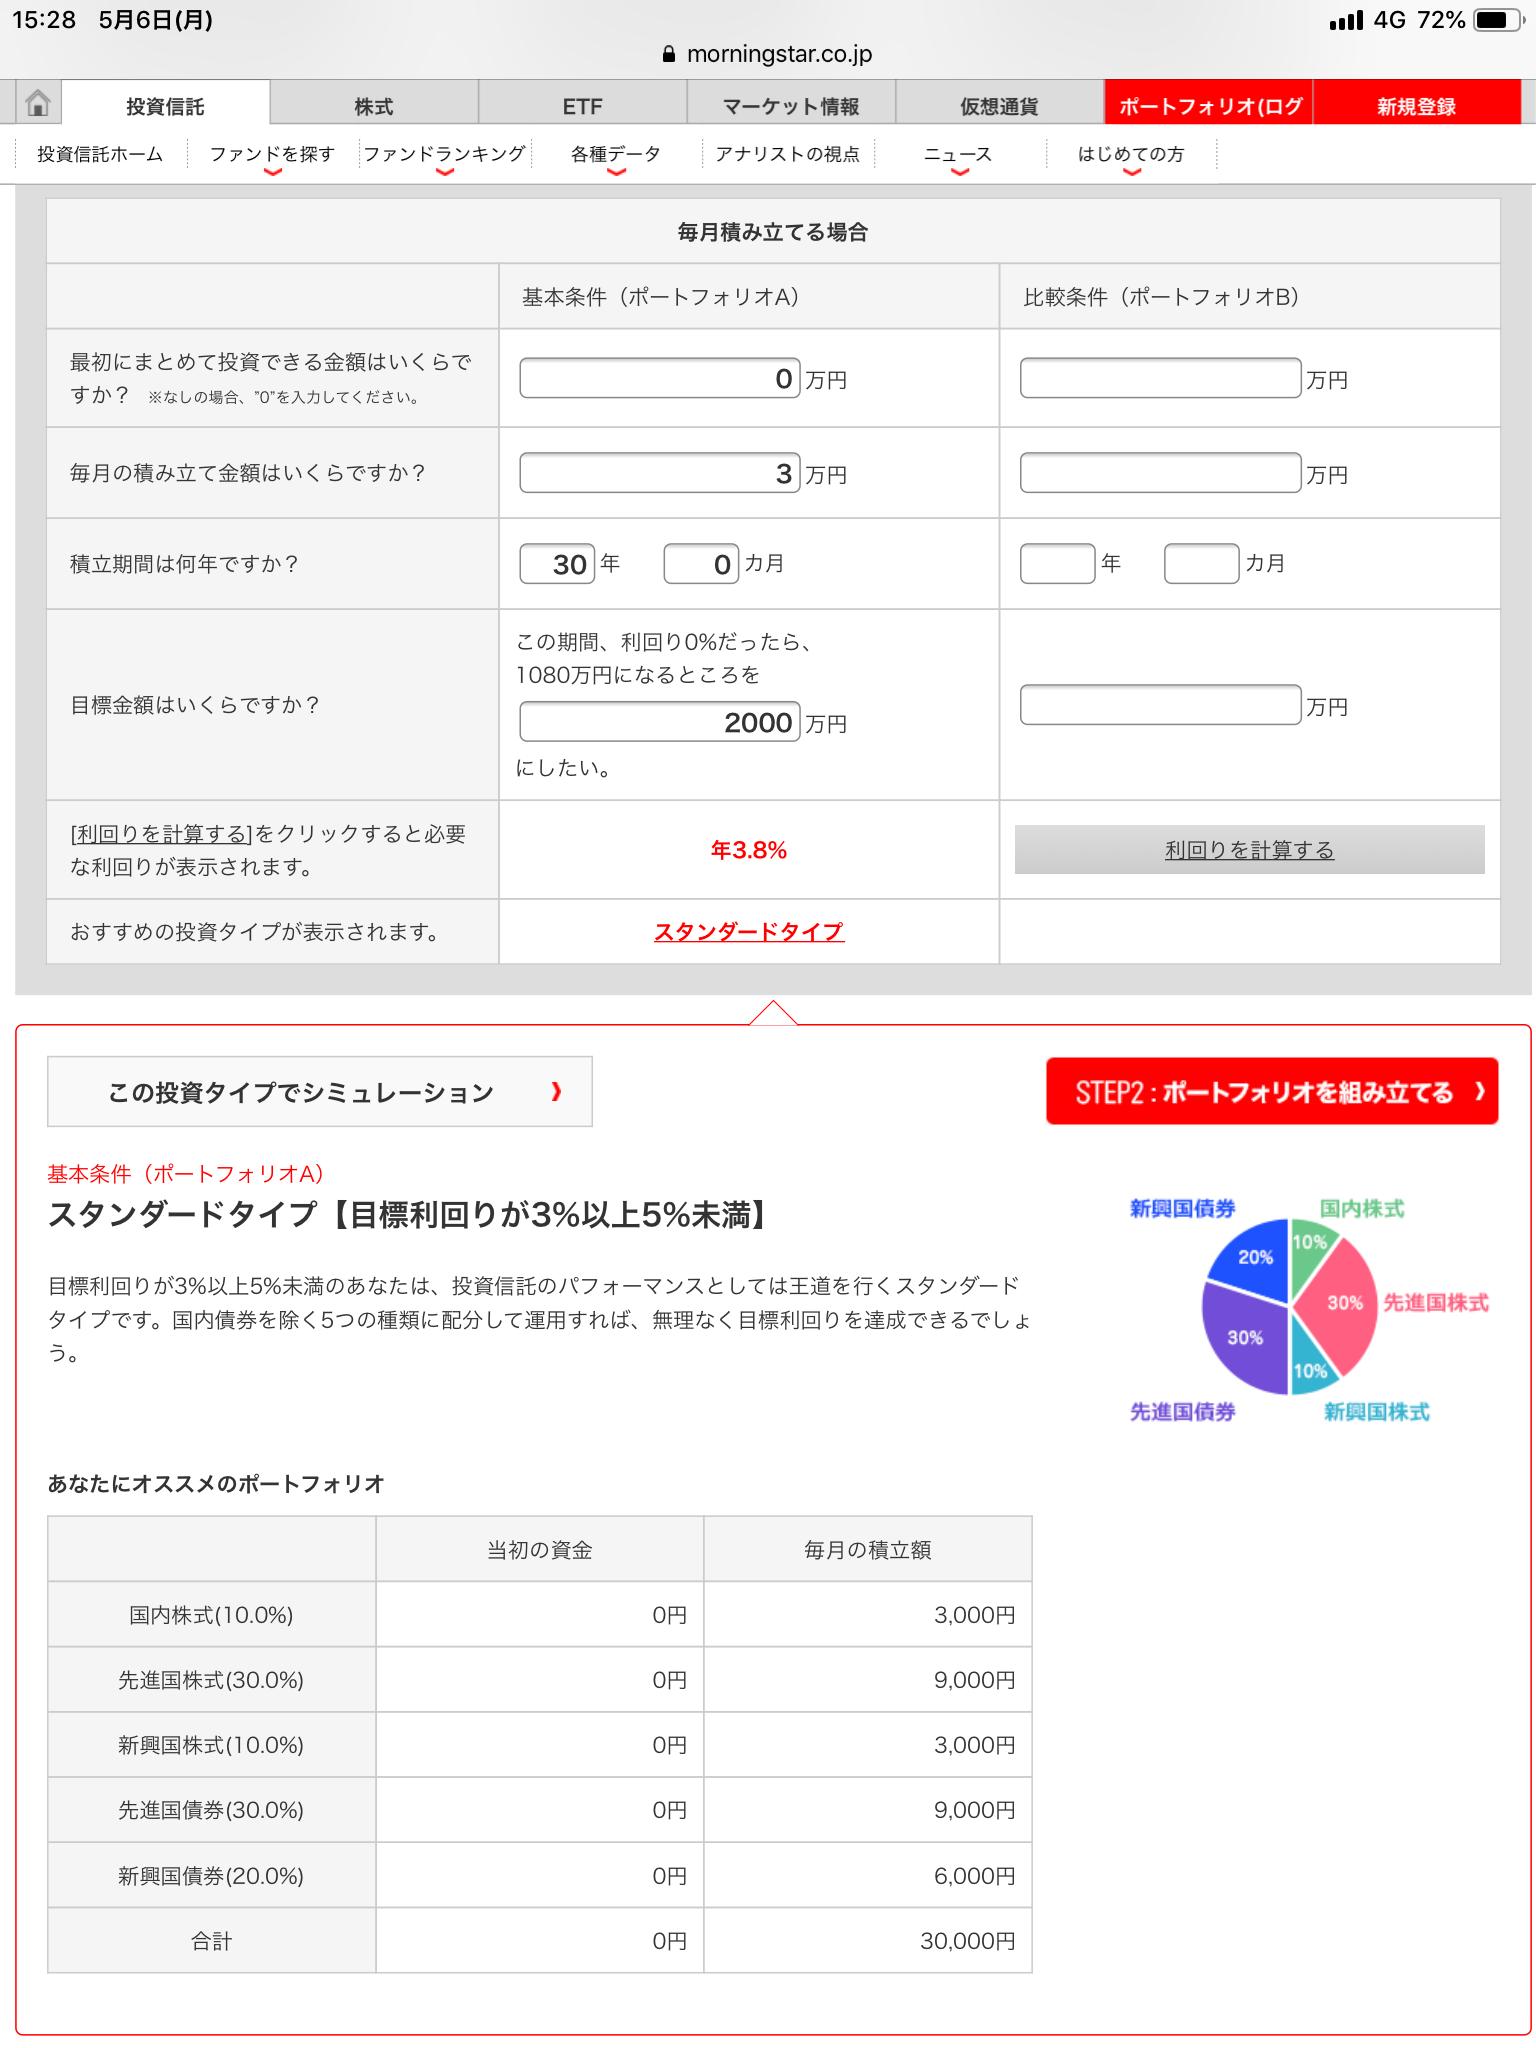 2C46D60E-090F-4E71-8C00-9EE6F13DE38E